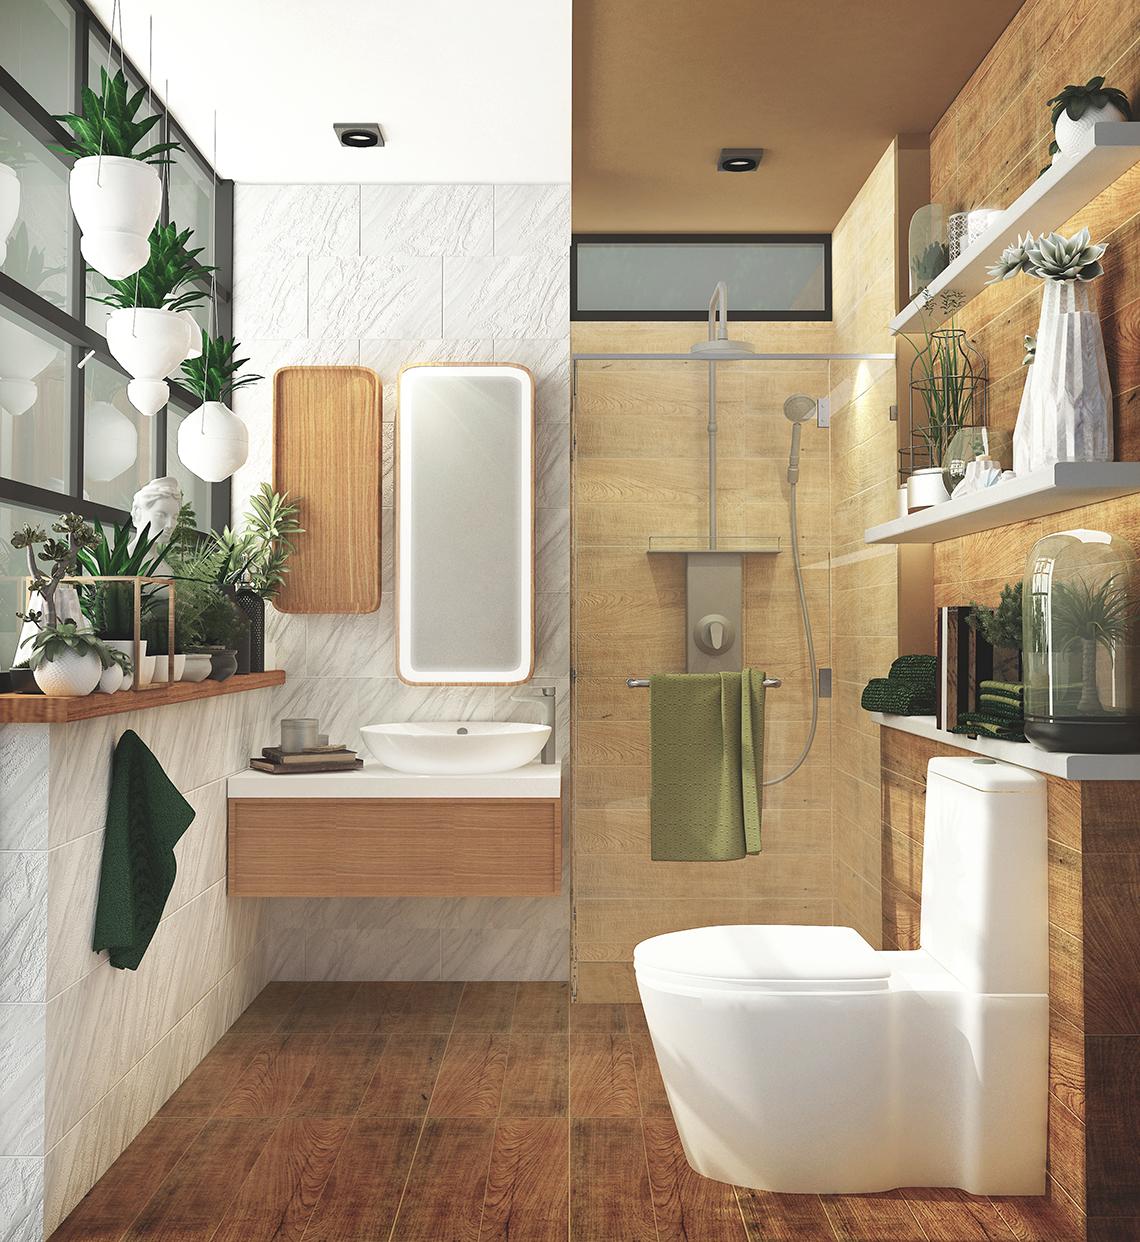 ตัวอย่างห้องน้ำ ลวดลายธรรมชาติ